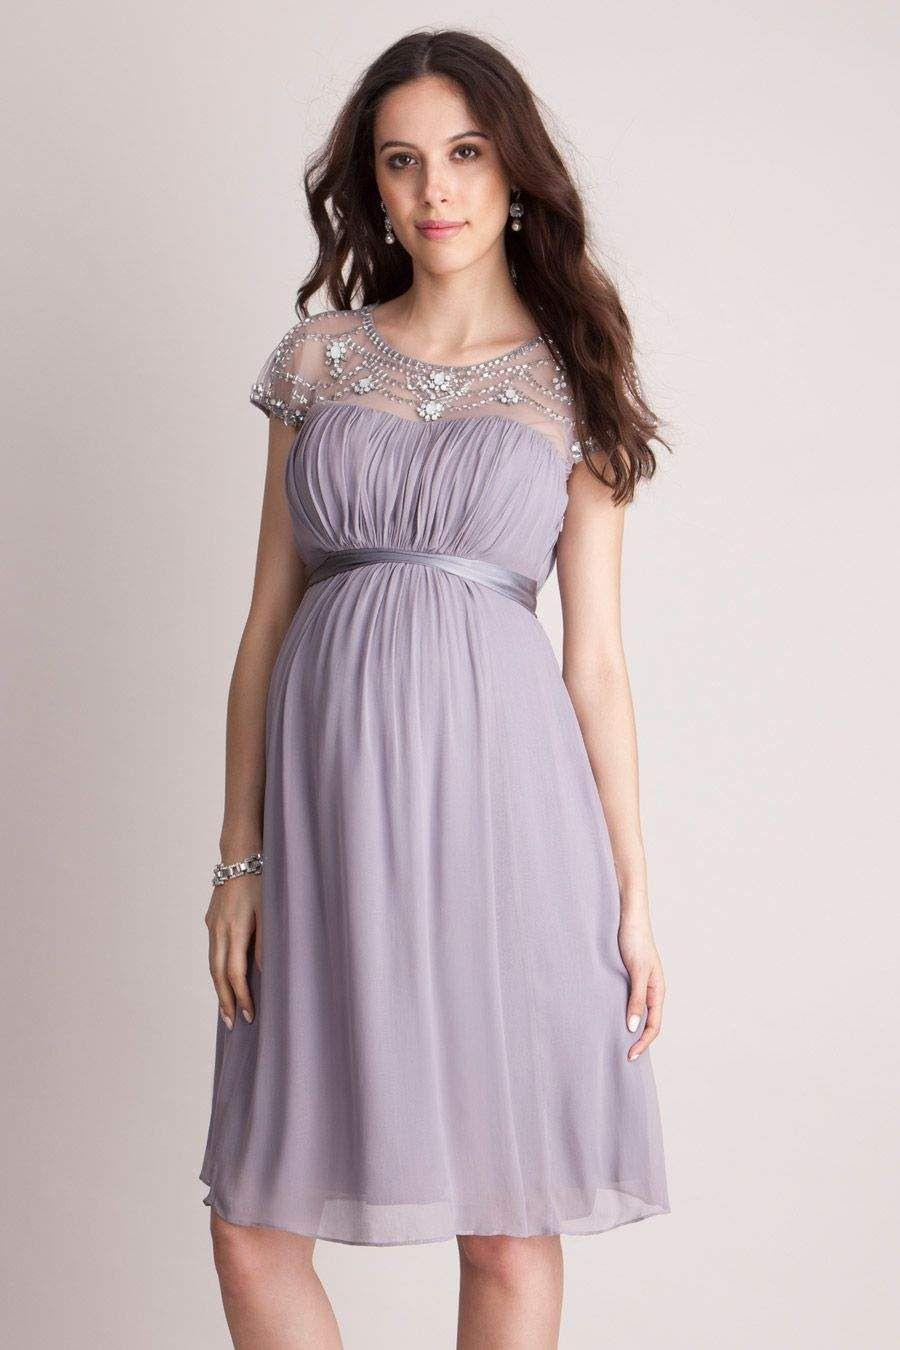 Umstandskleid Mit Perlenstickerei | Umstandskleid, Kleider